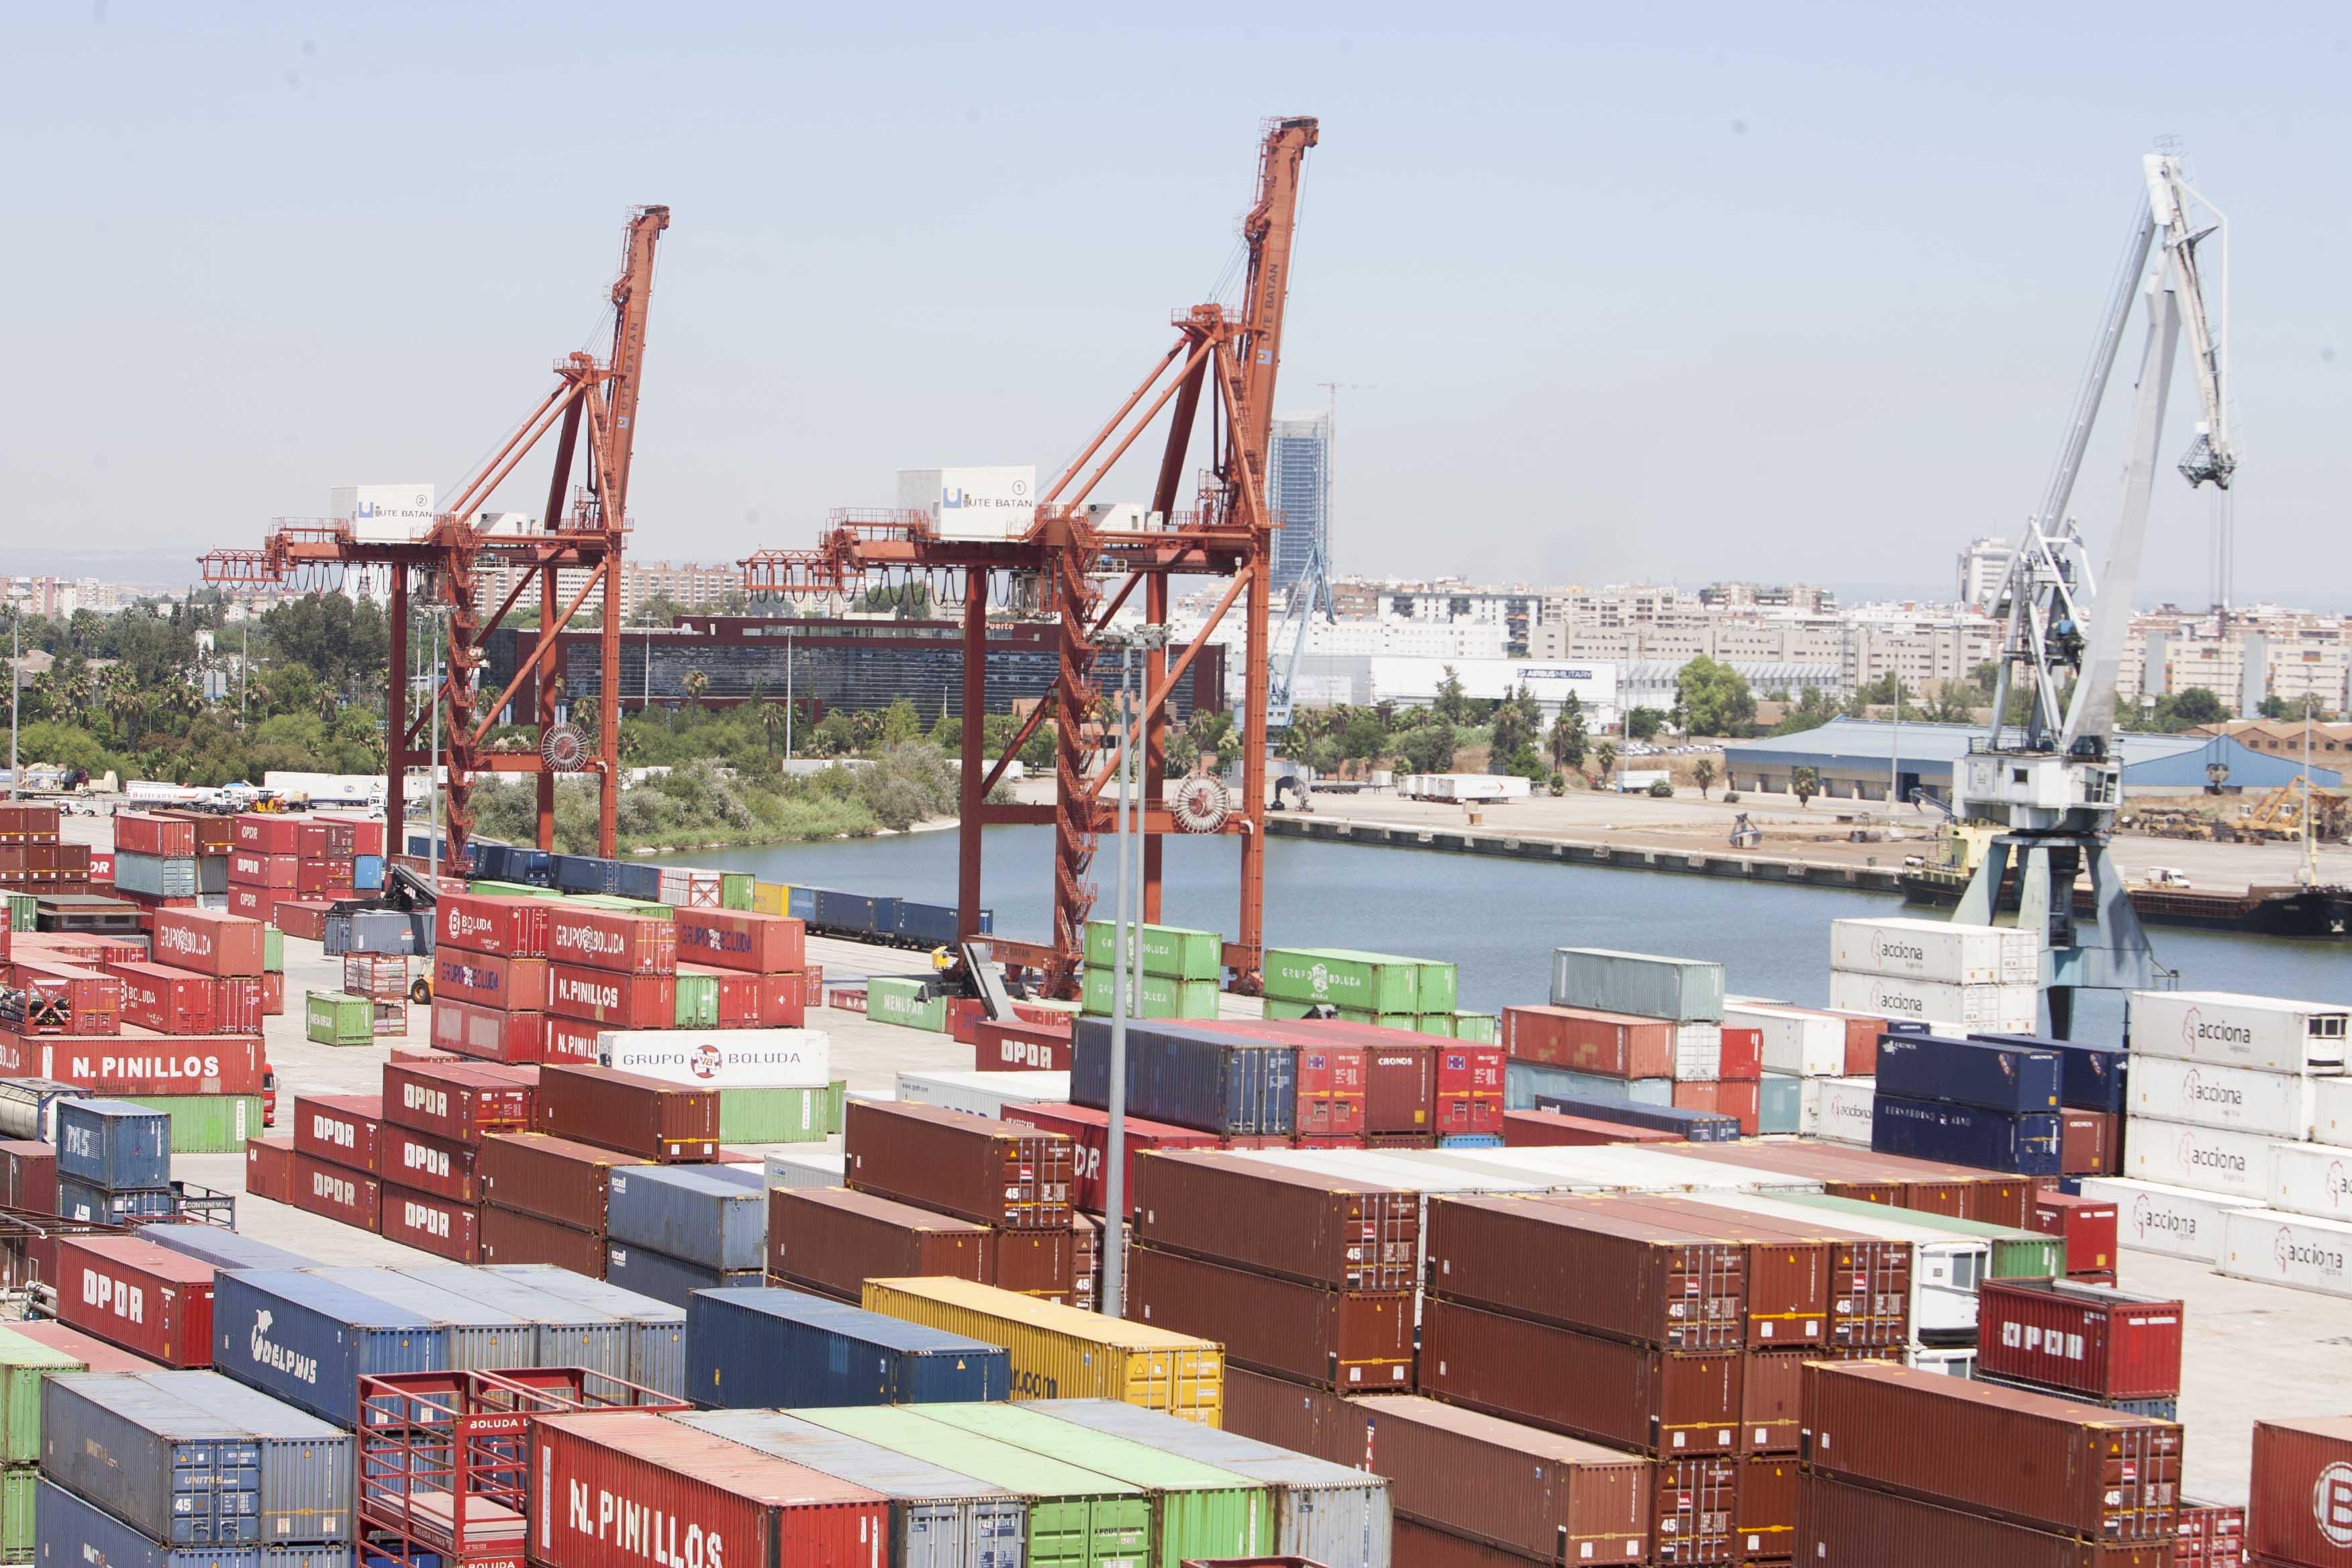 Instalaciones del Puerto para carga y descarga de contenedores. / J. M. PAISANO